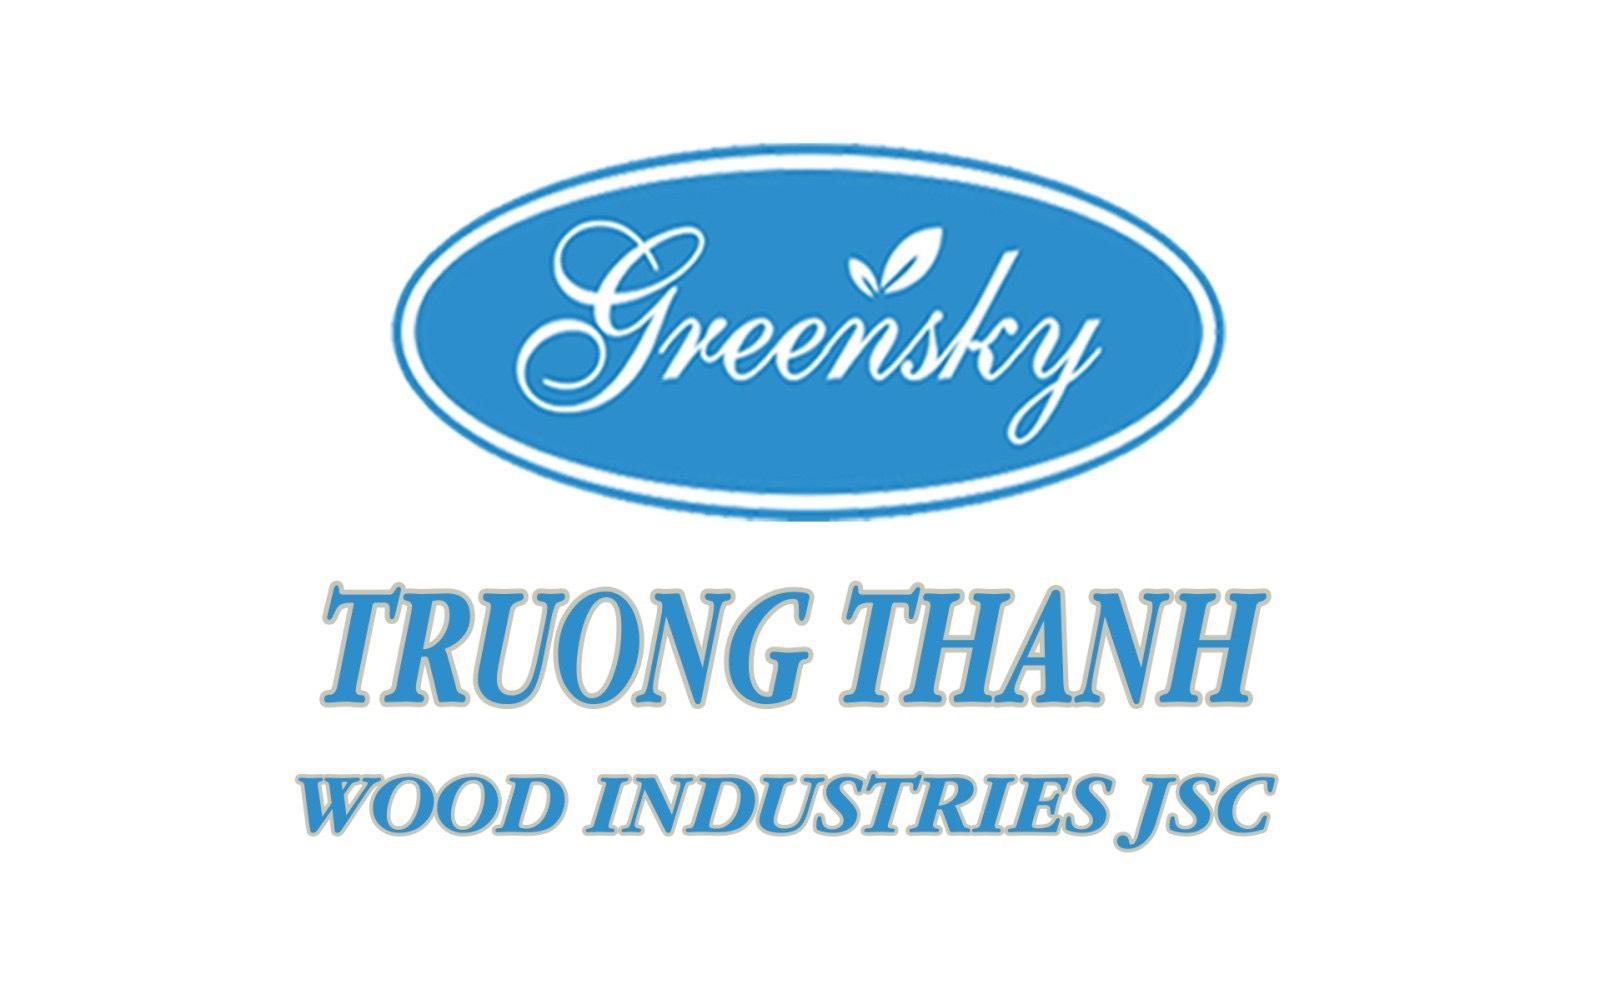 truong-thanh-logo